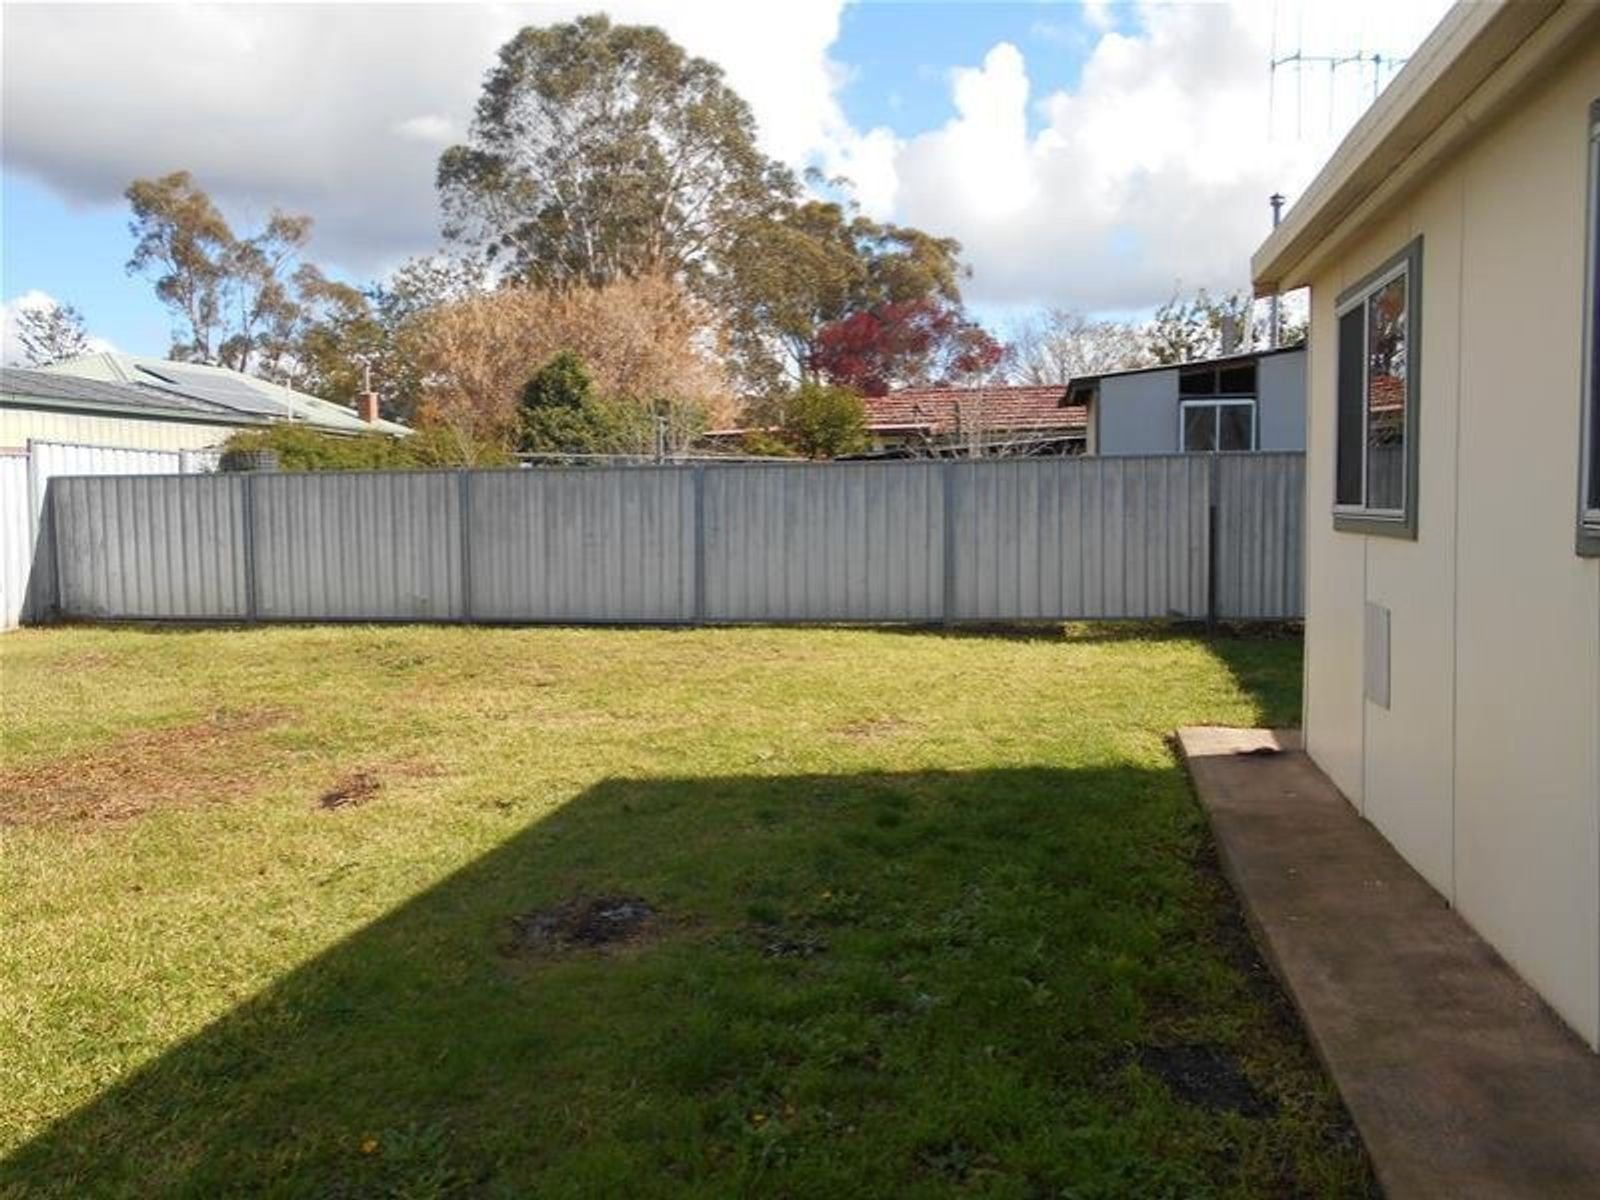 1A Nicholson Street, Mudgee, NSW 2850